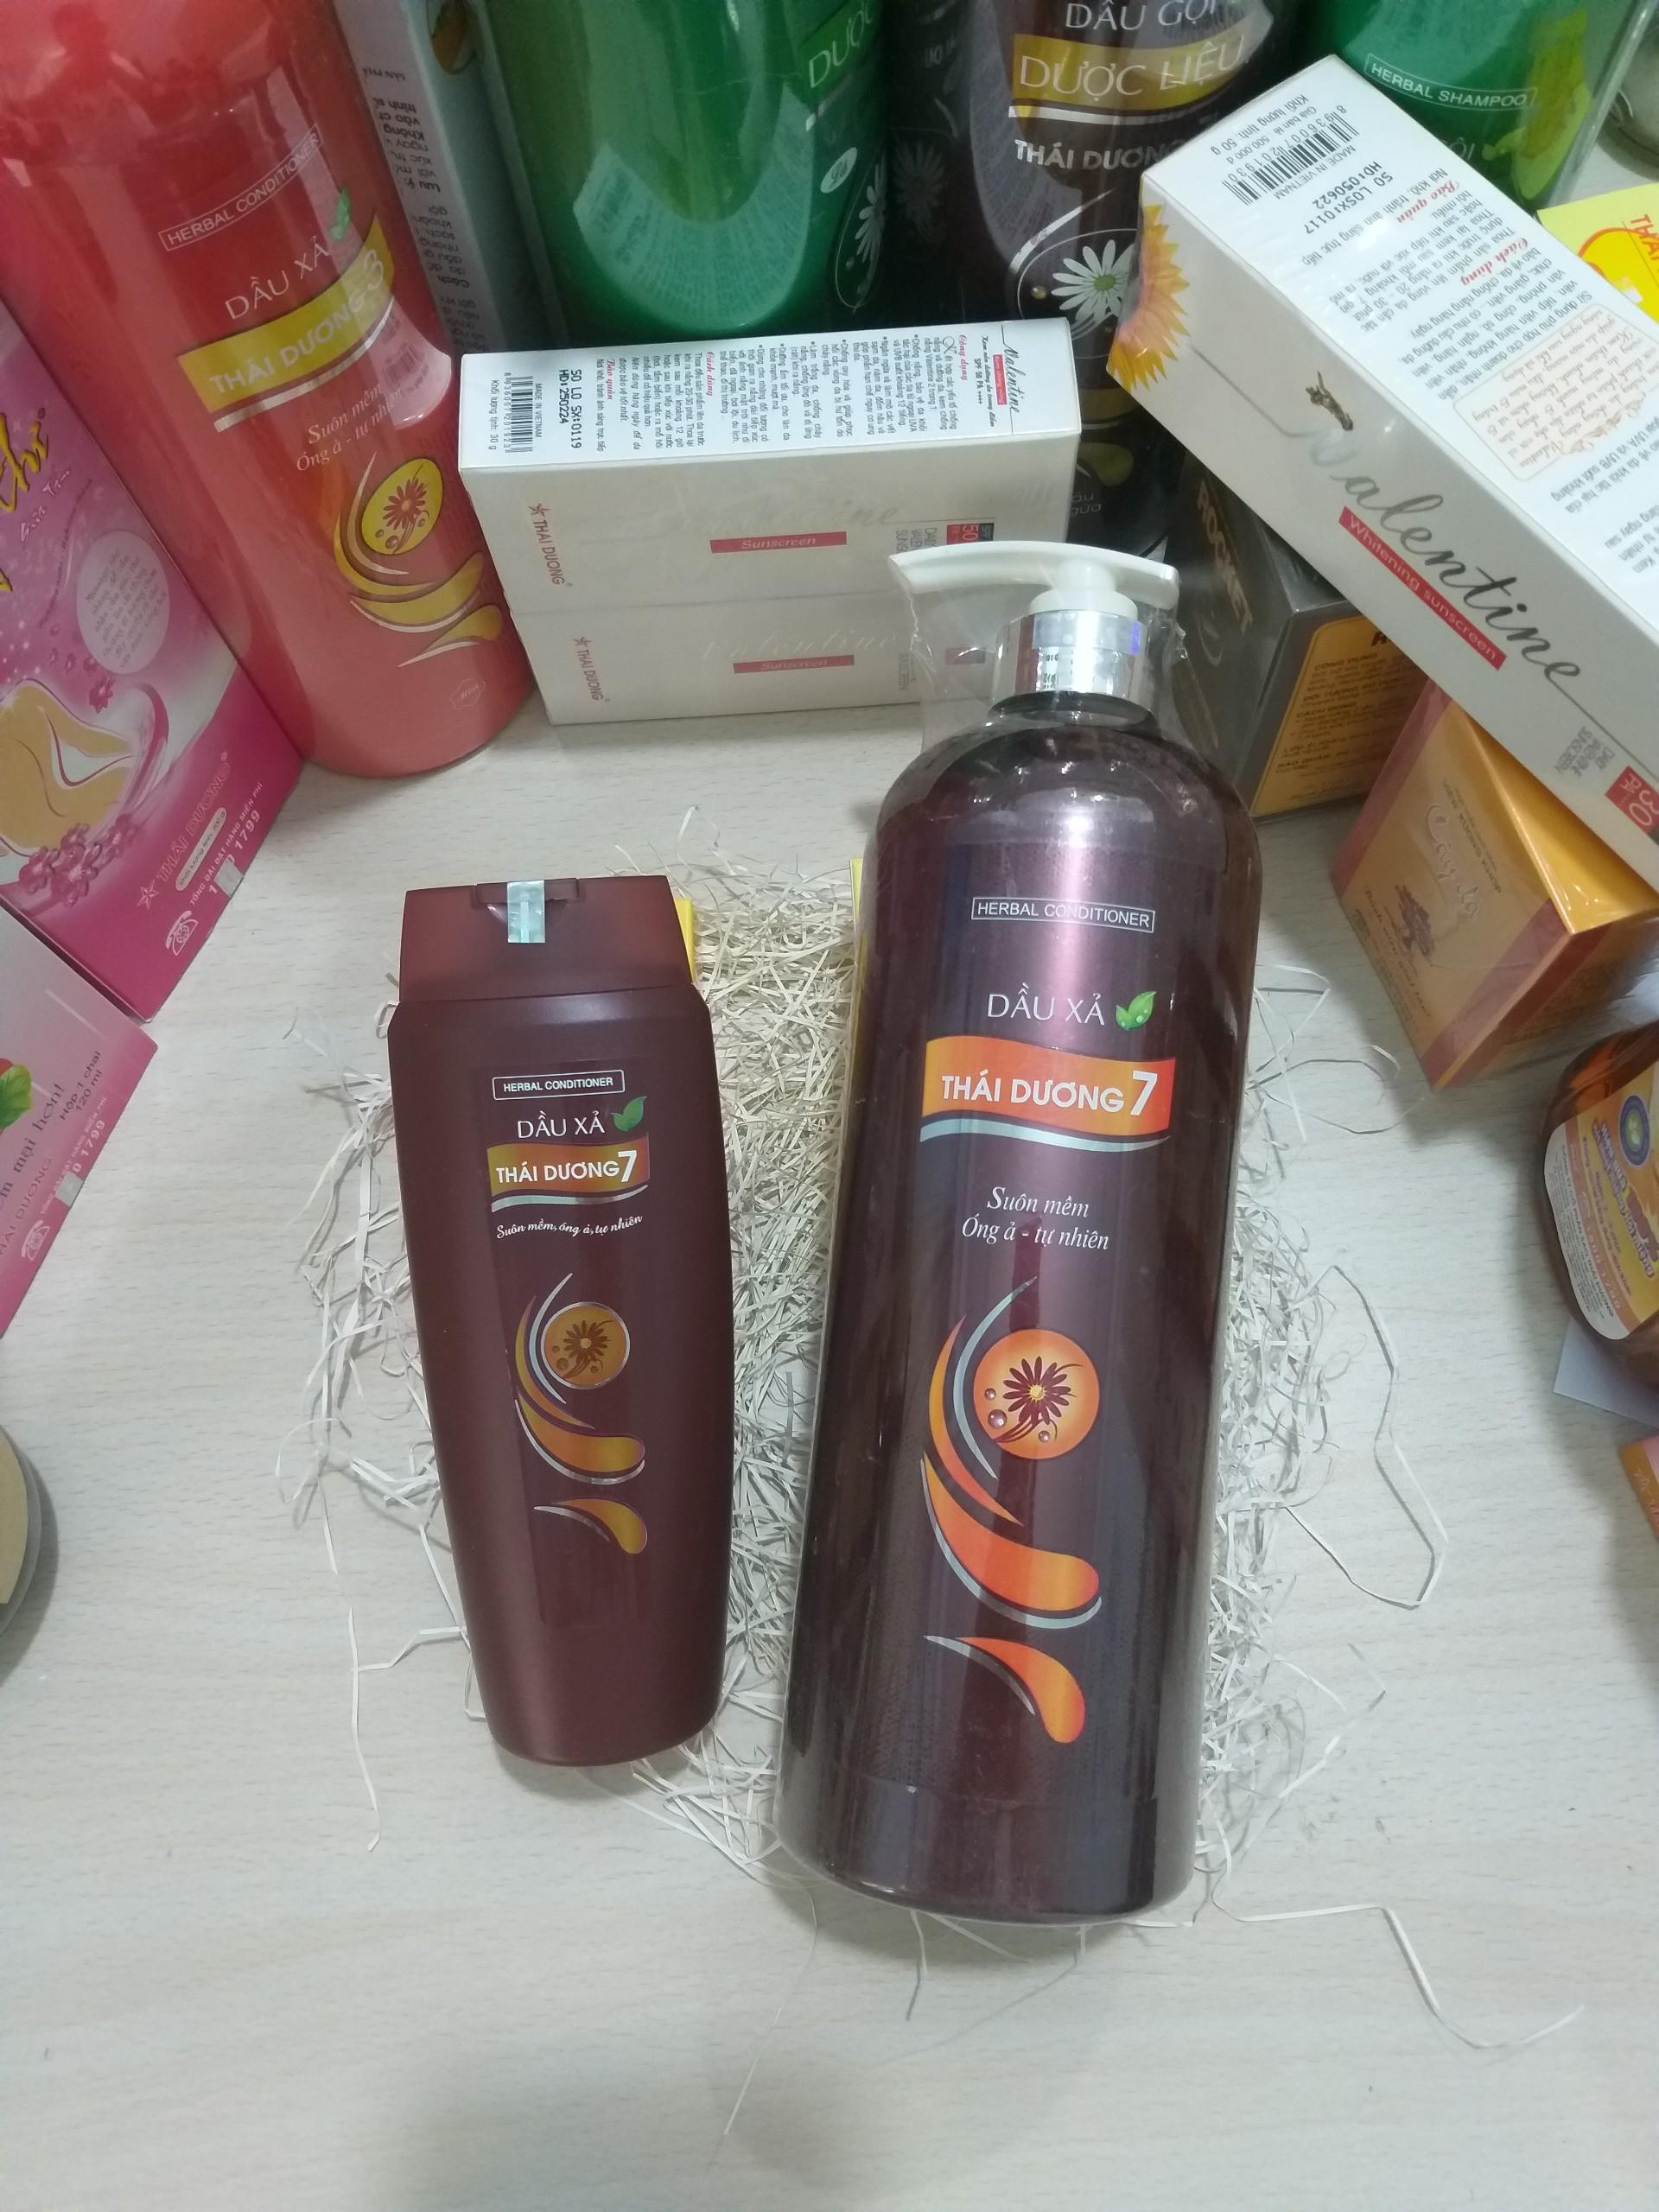 Dầu xả Thái Dương 7 - Giúp phục hồi tóc